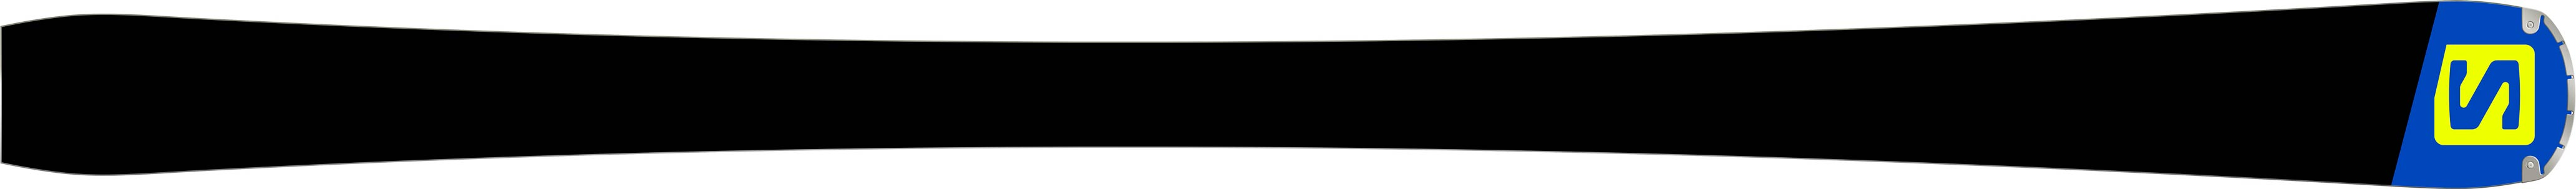 c77b425eaf Salomon S RACE SHOT SL + X12TL. Unisex sjezdové lyže. Unisex sjezdové lyže.  Unisex sjezdové lyže